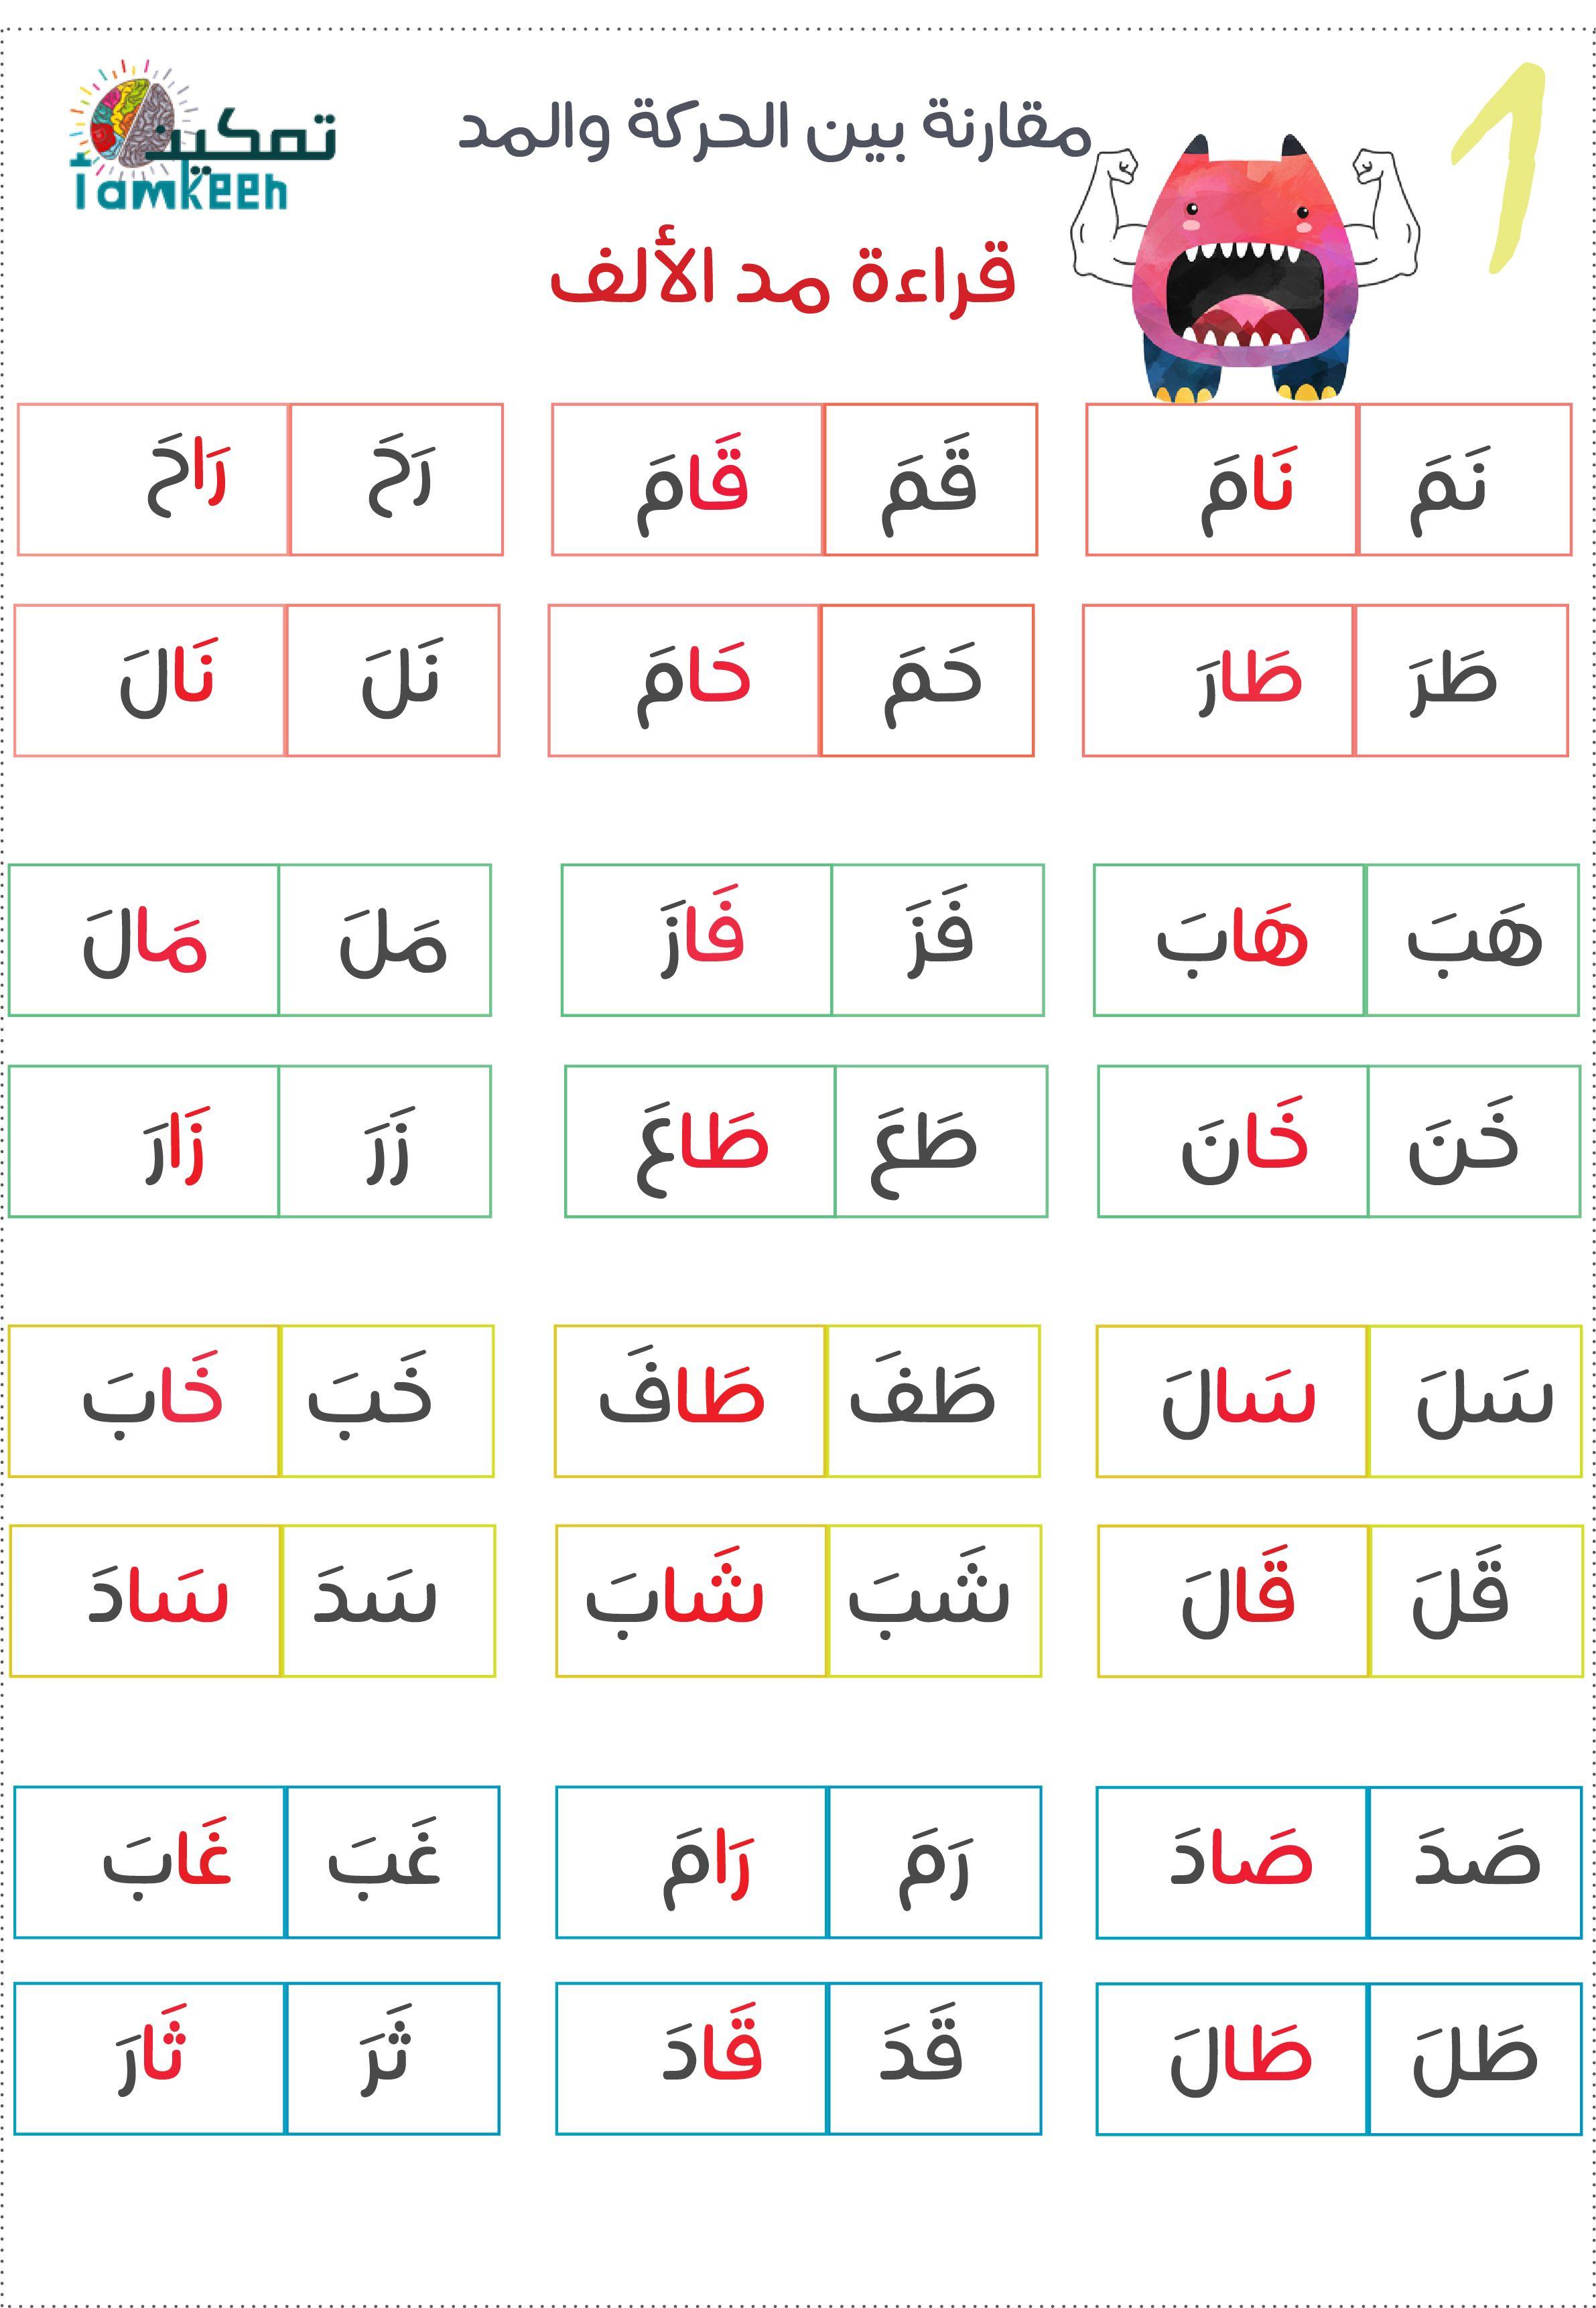 مد الألف Arabic Alphabet For Kids Learn Arabic Alphabet Alphabet For Kids